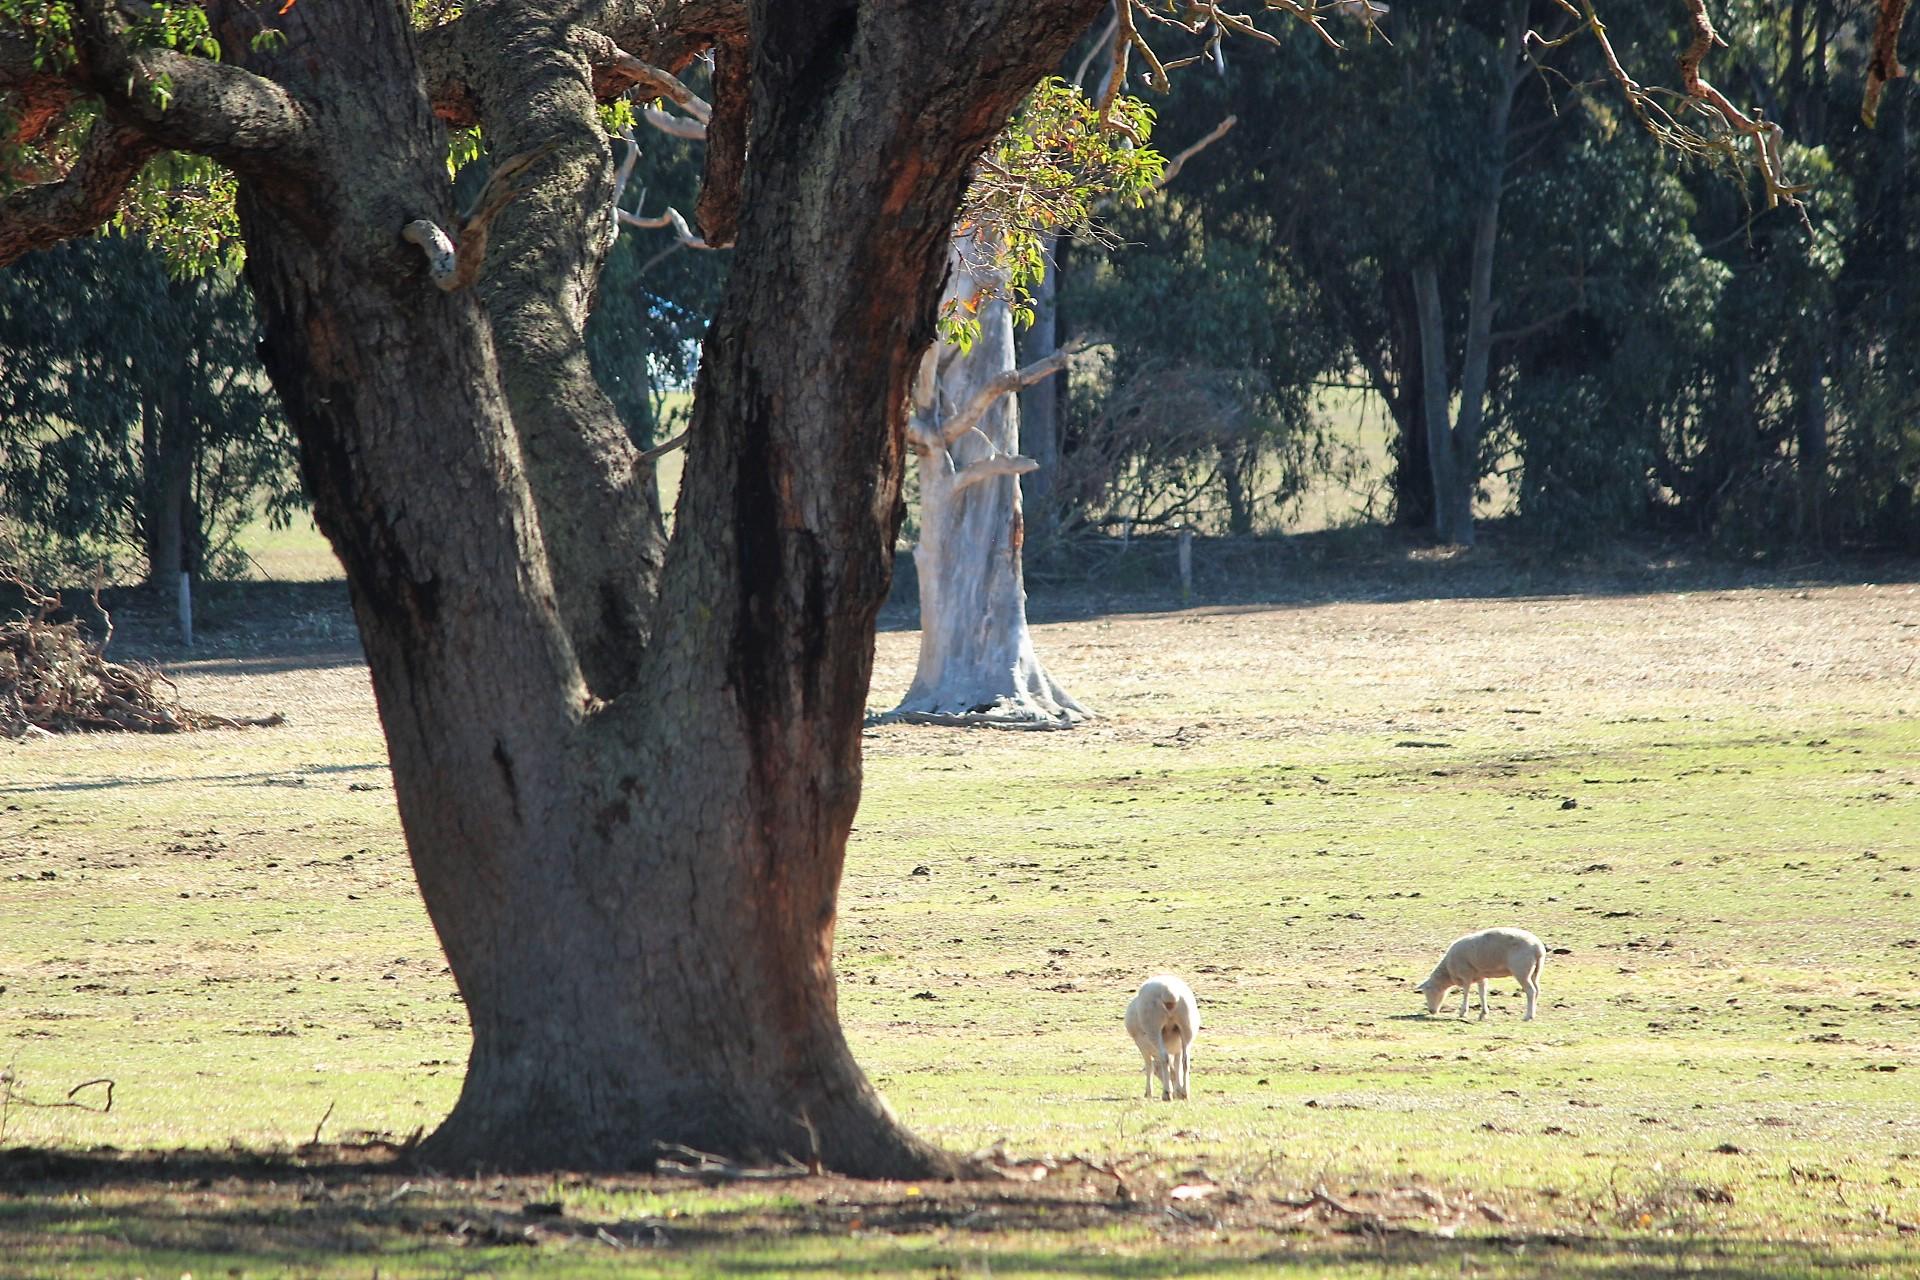 Sheep at Payneham Vale Organic Farm